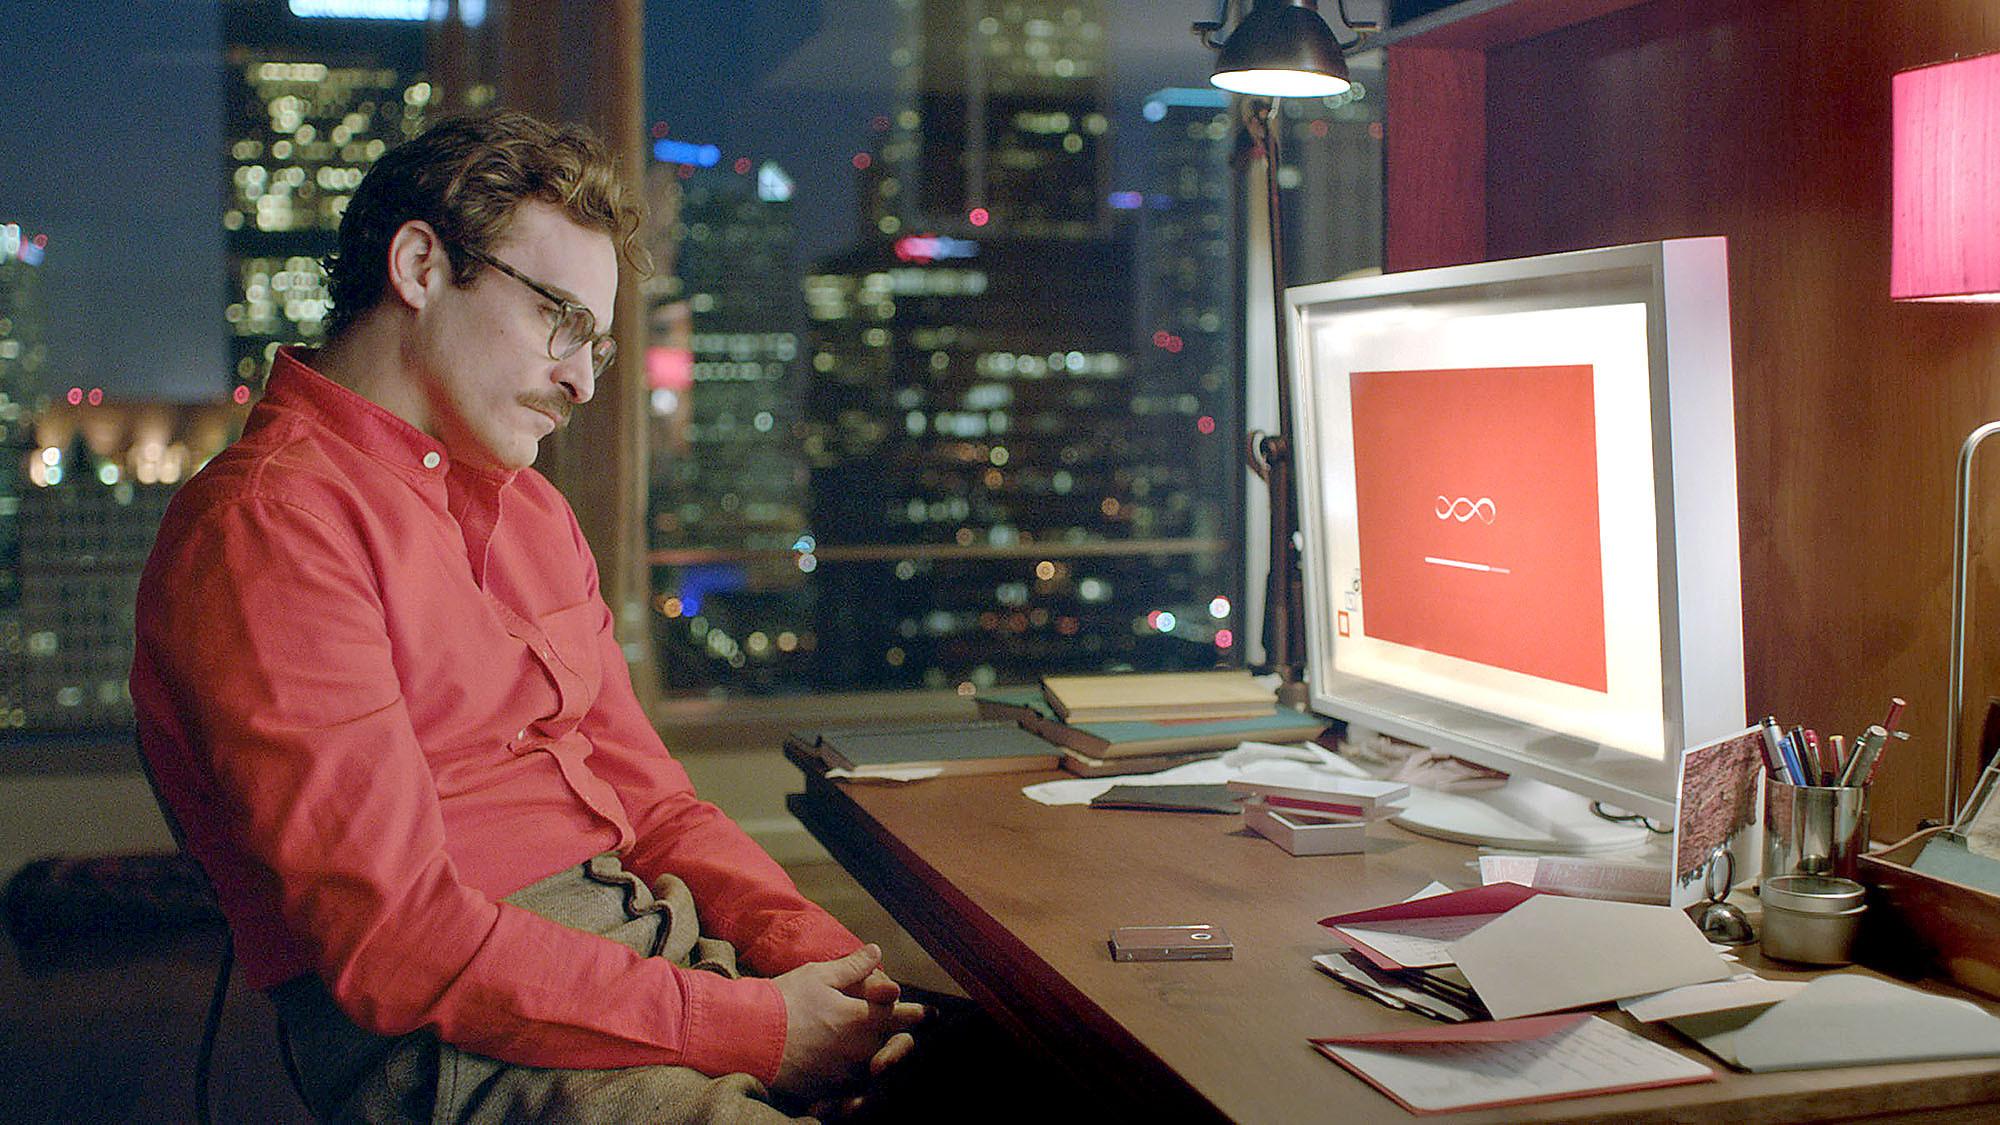 Tecnologías perceptivas o cómo amar a una máquina